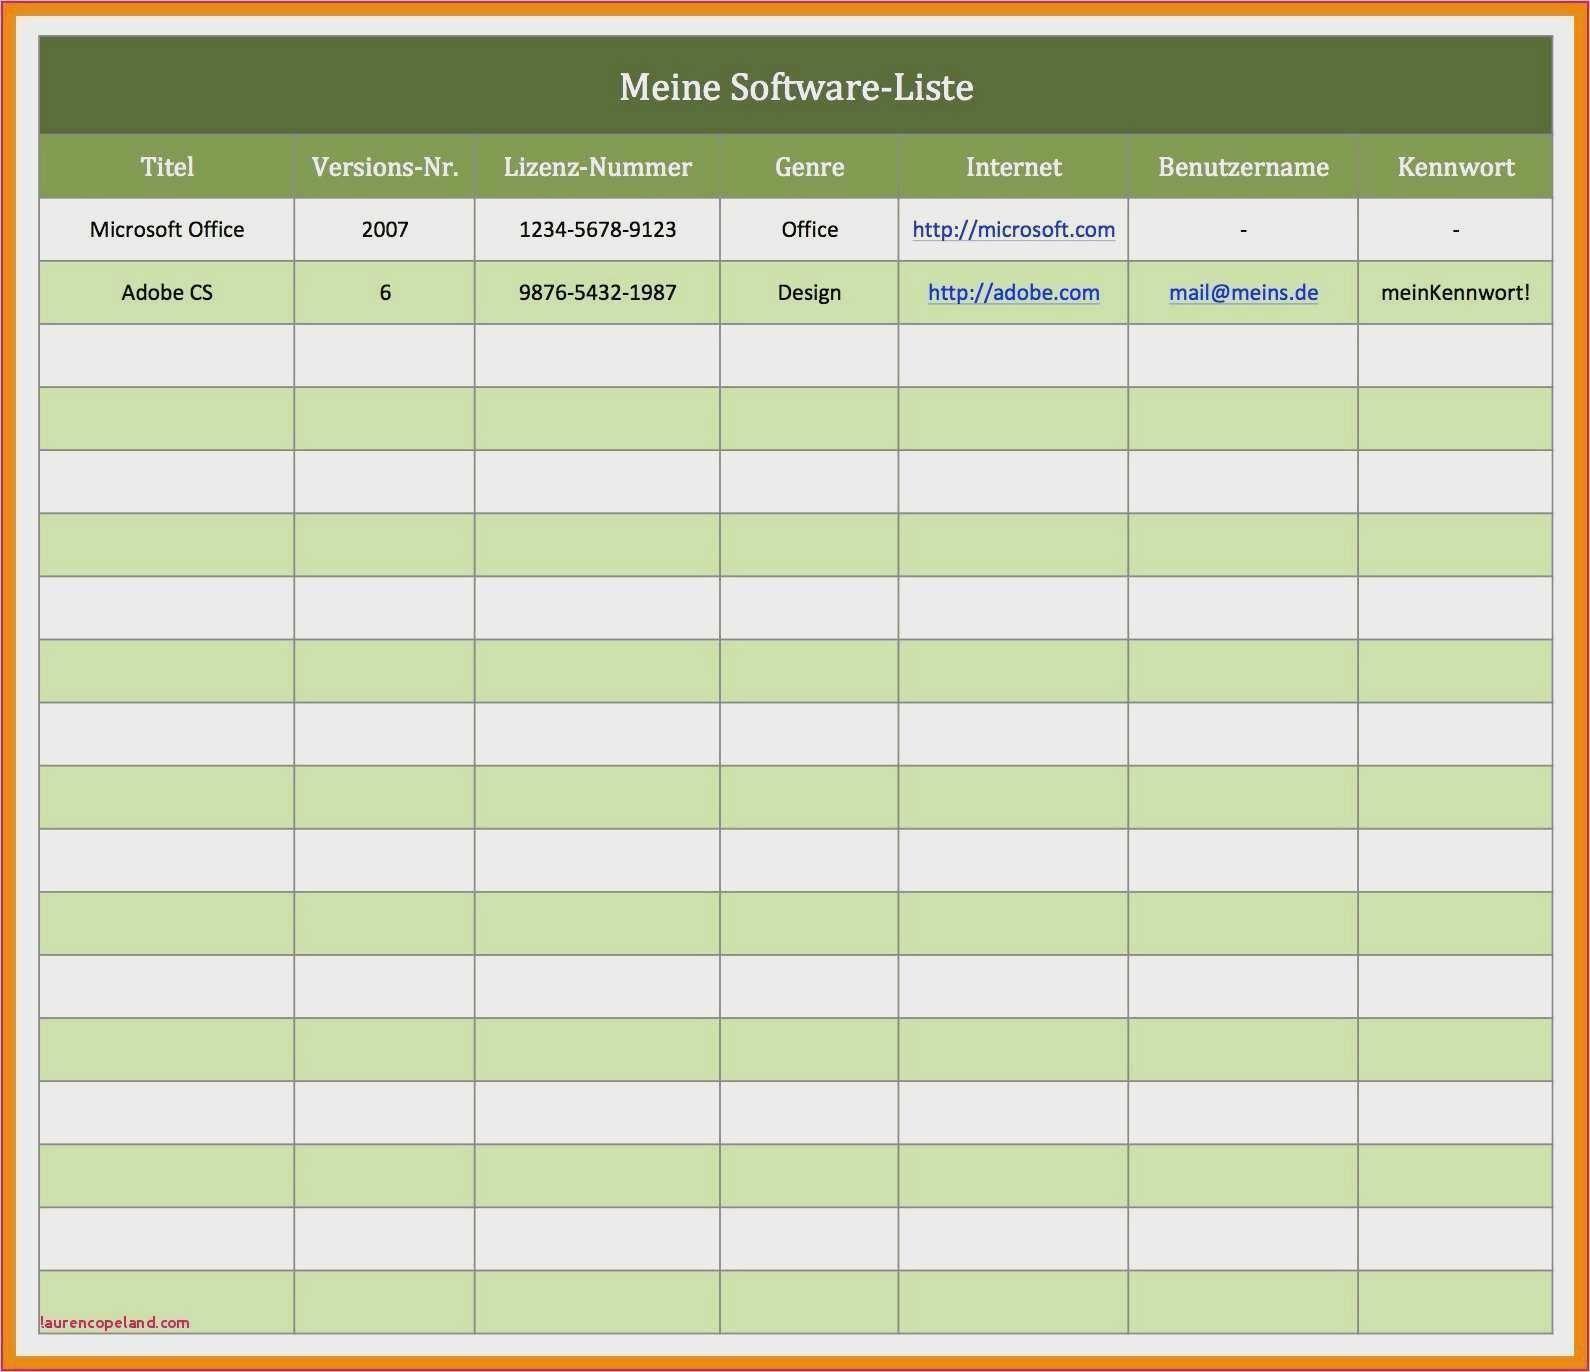 Erstaunlich Fahrtenbuch Vorlage Finanzamt Kostenlos Praktisch Ebendiese Konnen Anpassen Fur I In 2020 Microsoft Excel Excel Vorlage Haushaltsbuch Excel